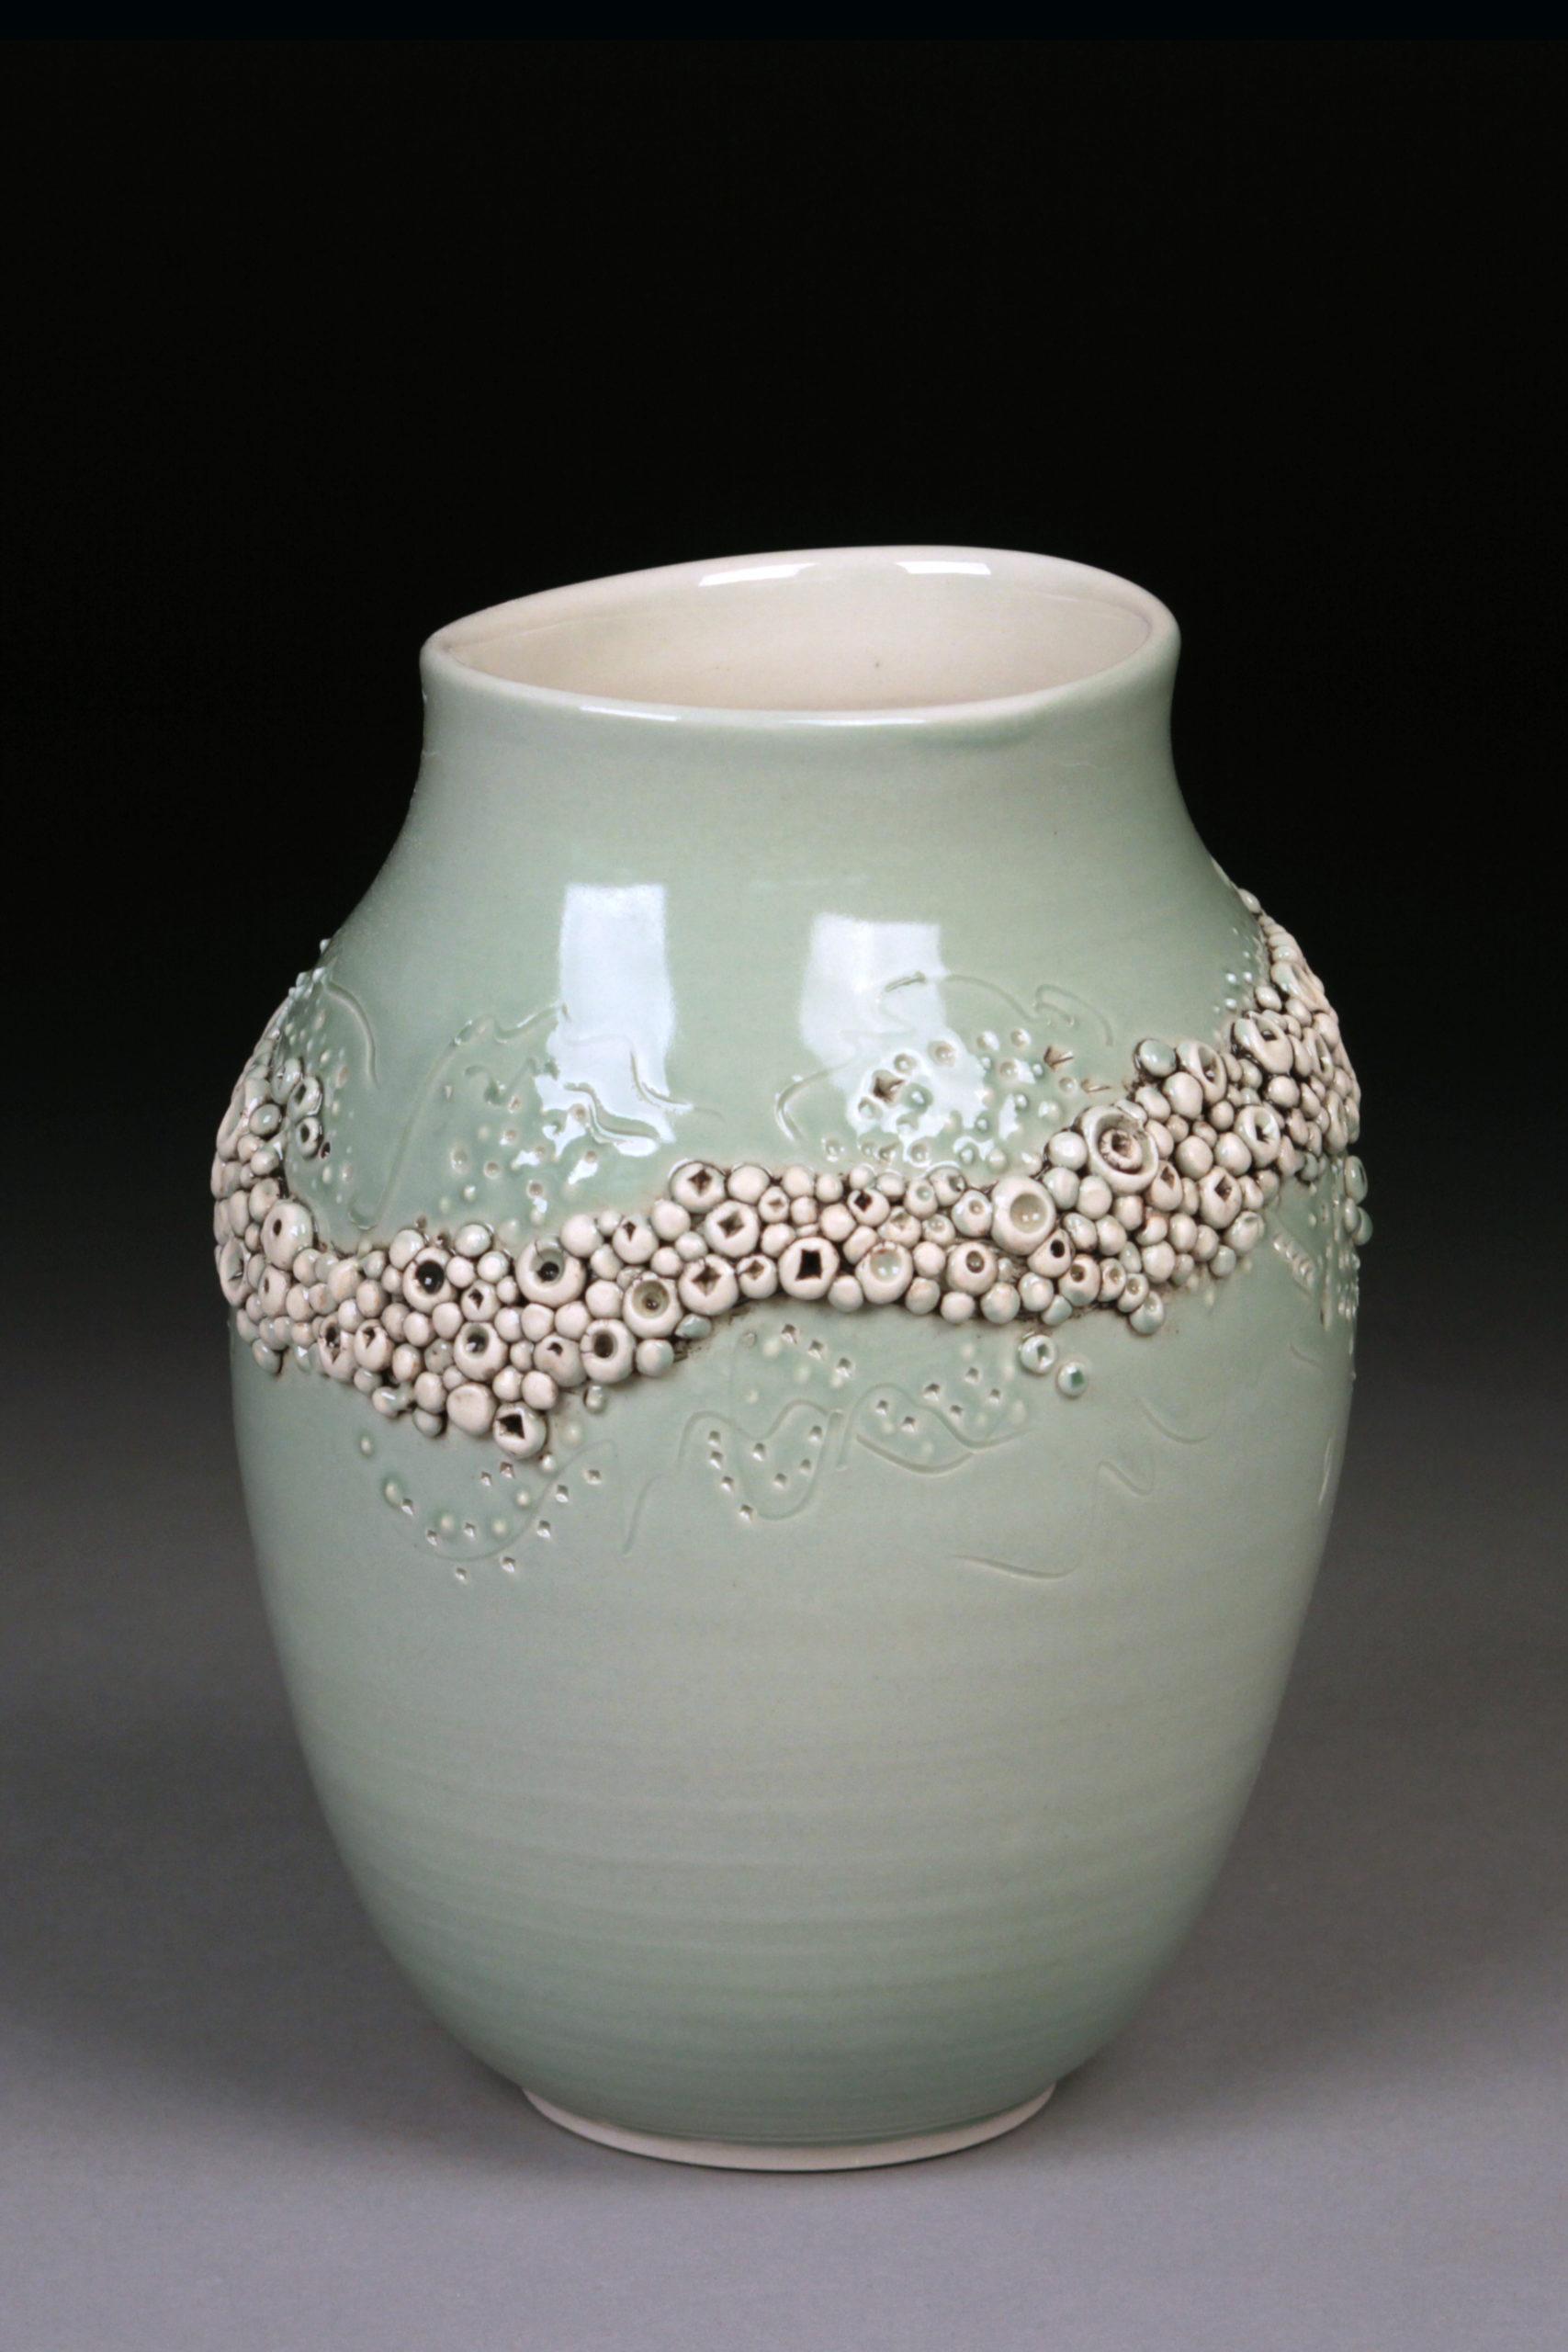 ceramics3054